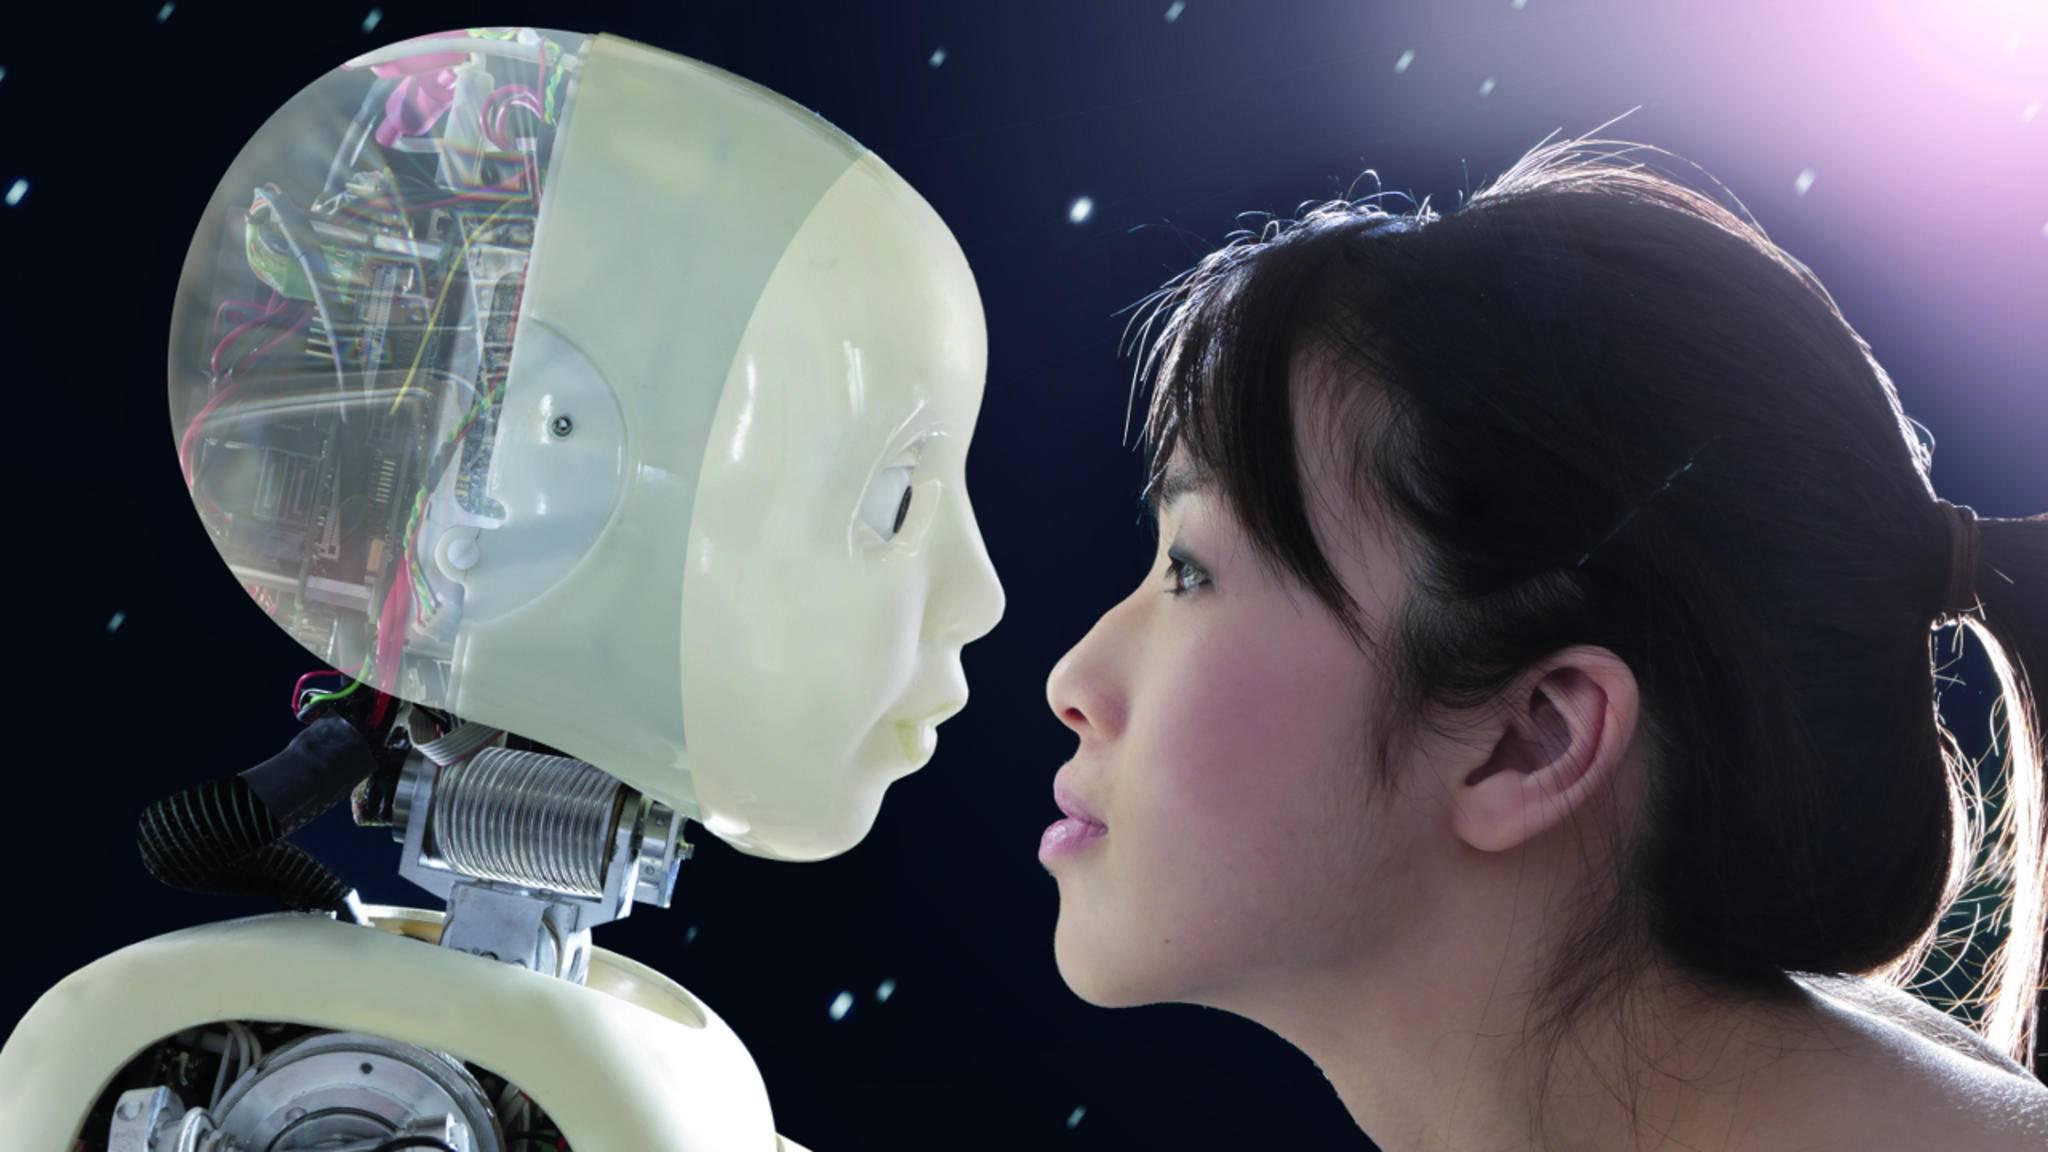 Sollen wir Roboter als Partner akzeptieren und entsprechend behandeln – oder bleiben sie das, was Gabel, Schere und Taschenlampe schon immer waren: profane Werkzeuge?